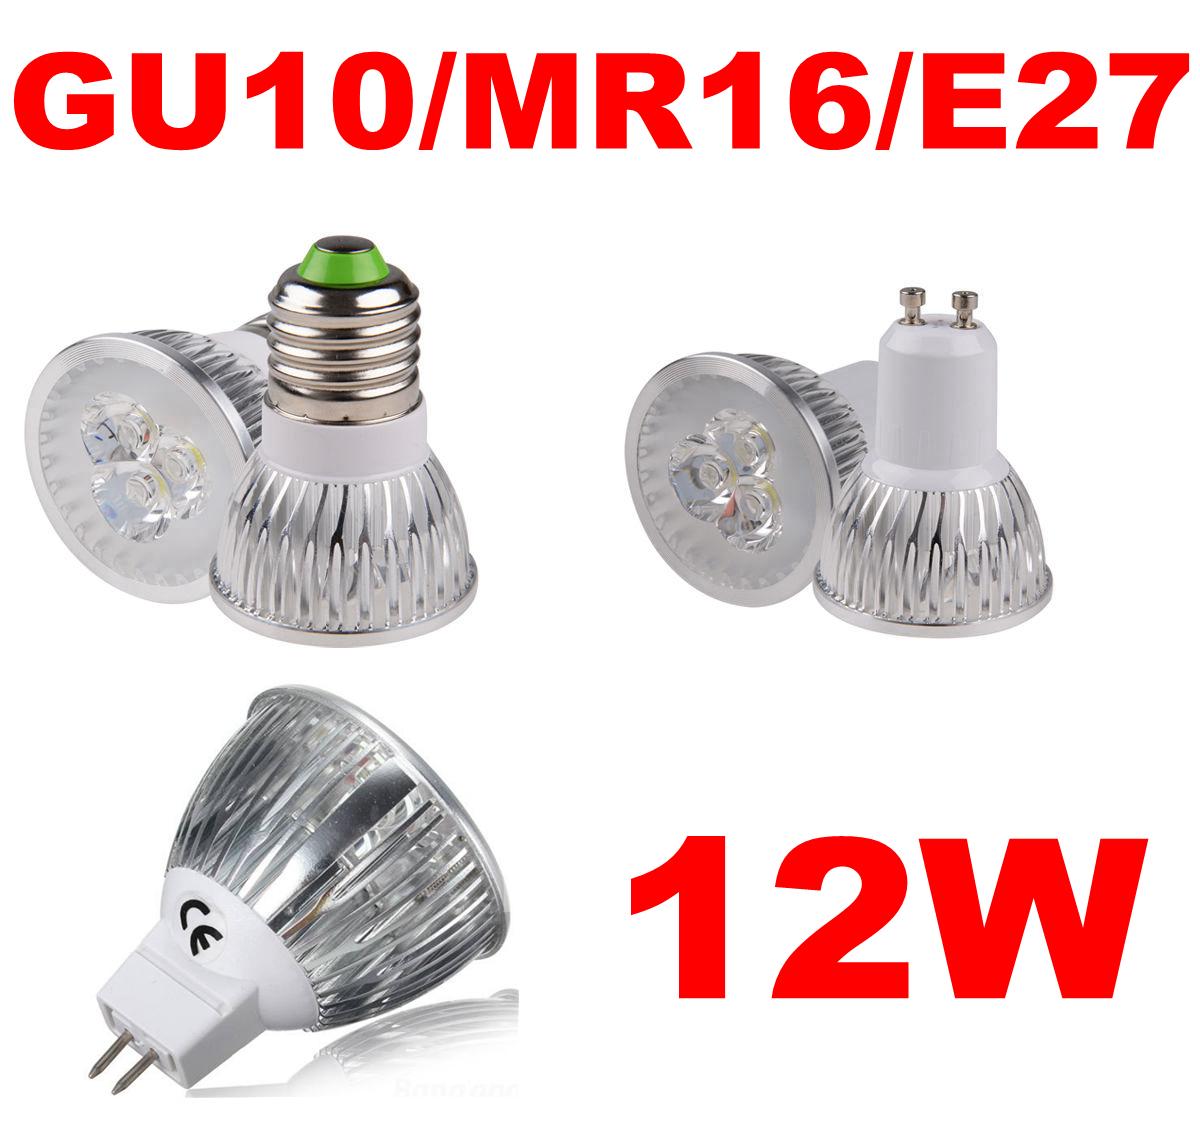 12w power gu10 e27 mr16 led light 3x4w home ceiling spotlight lamp bulb white ebay. Black Bedroom Furniture Sets. Home Design Ideas